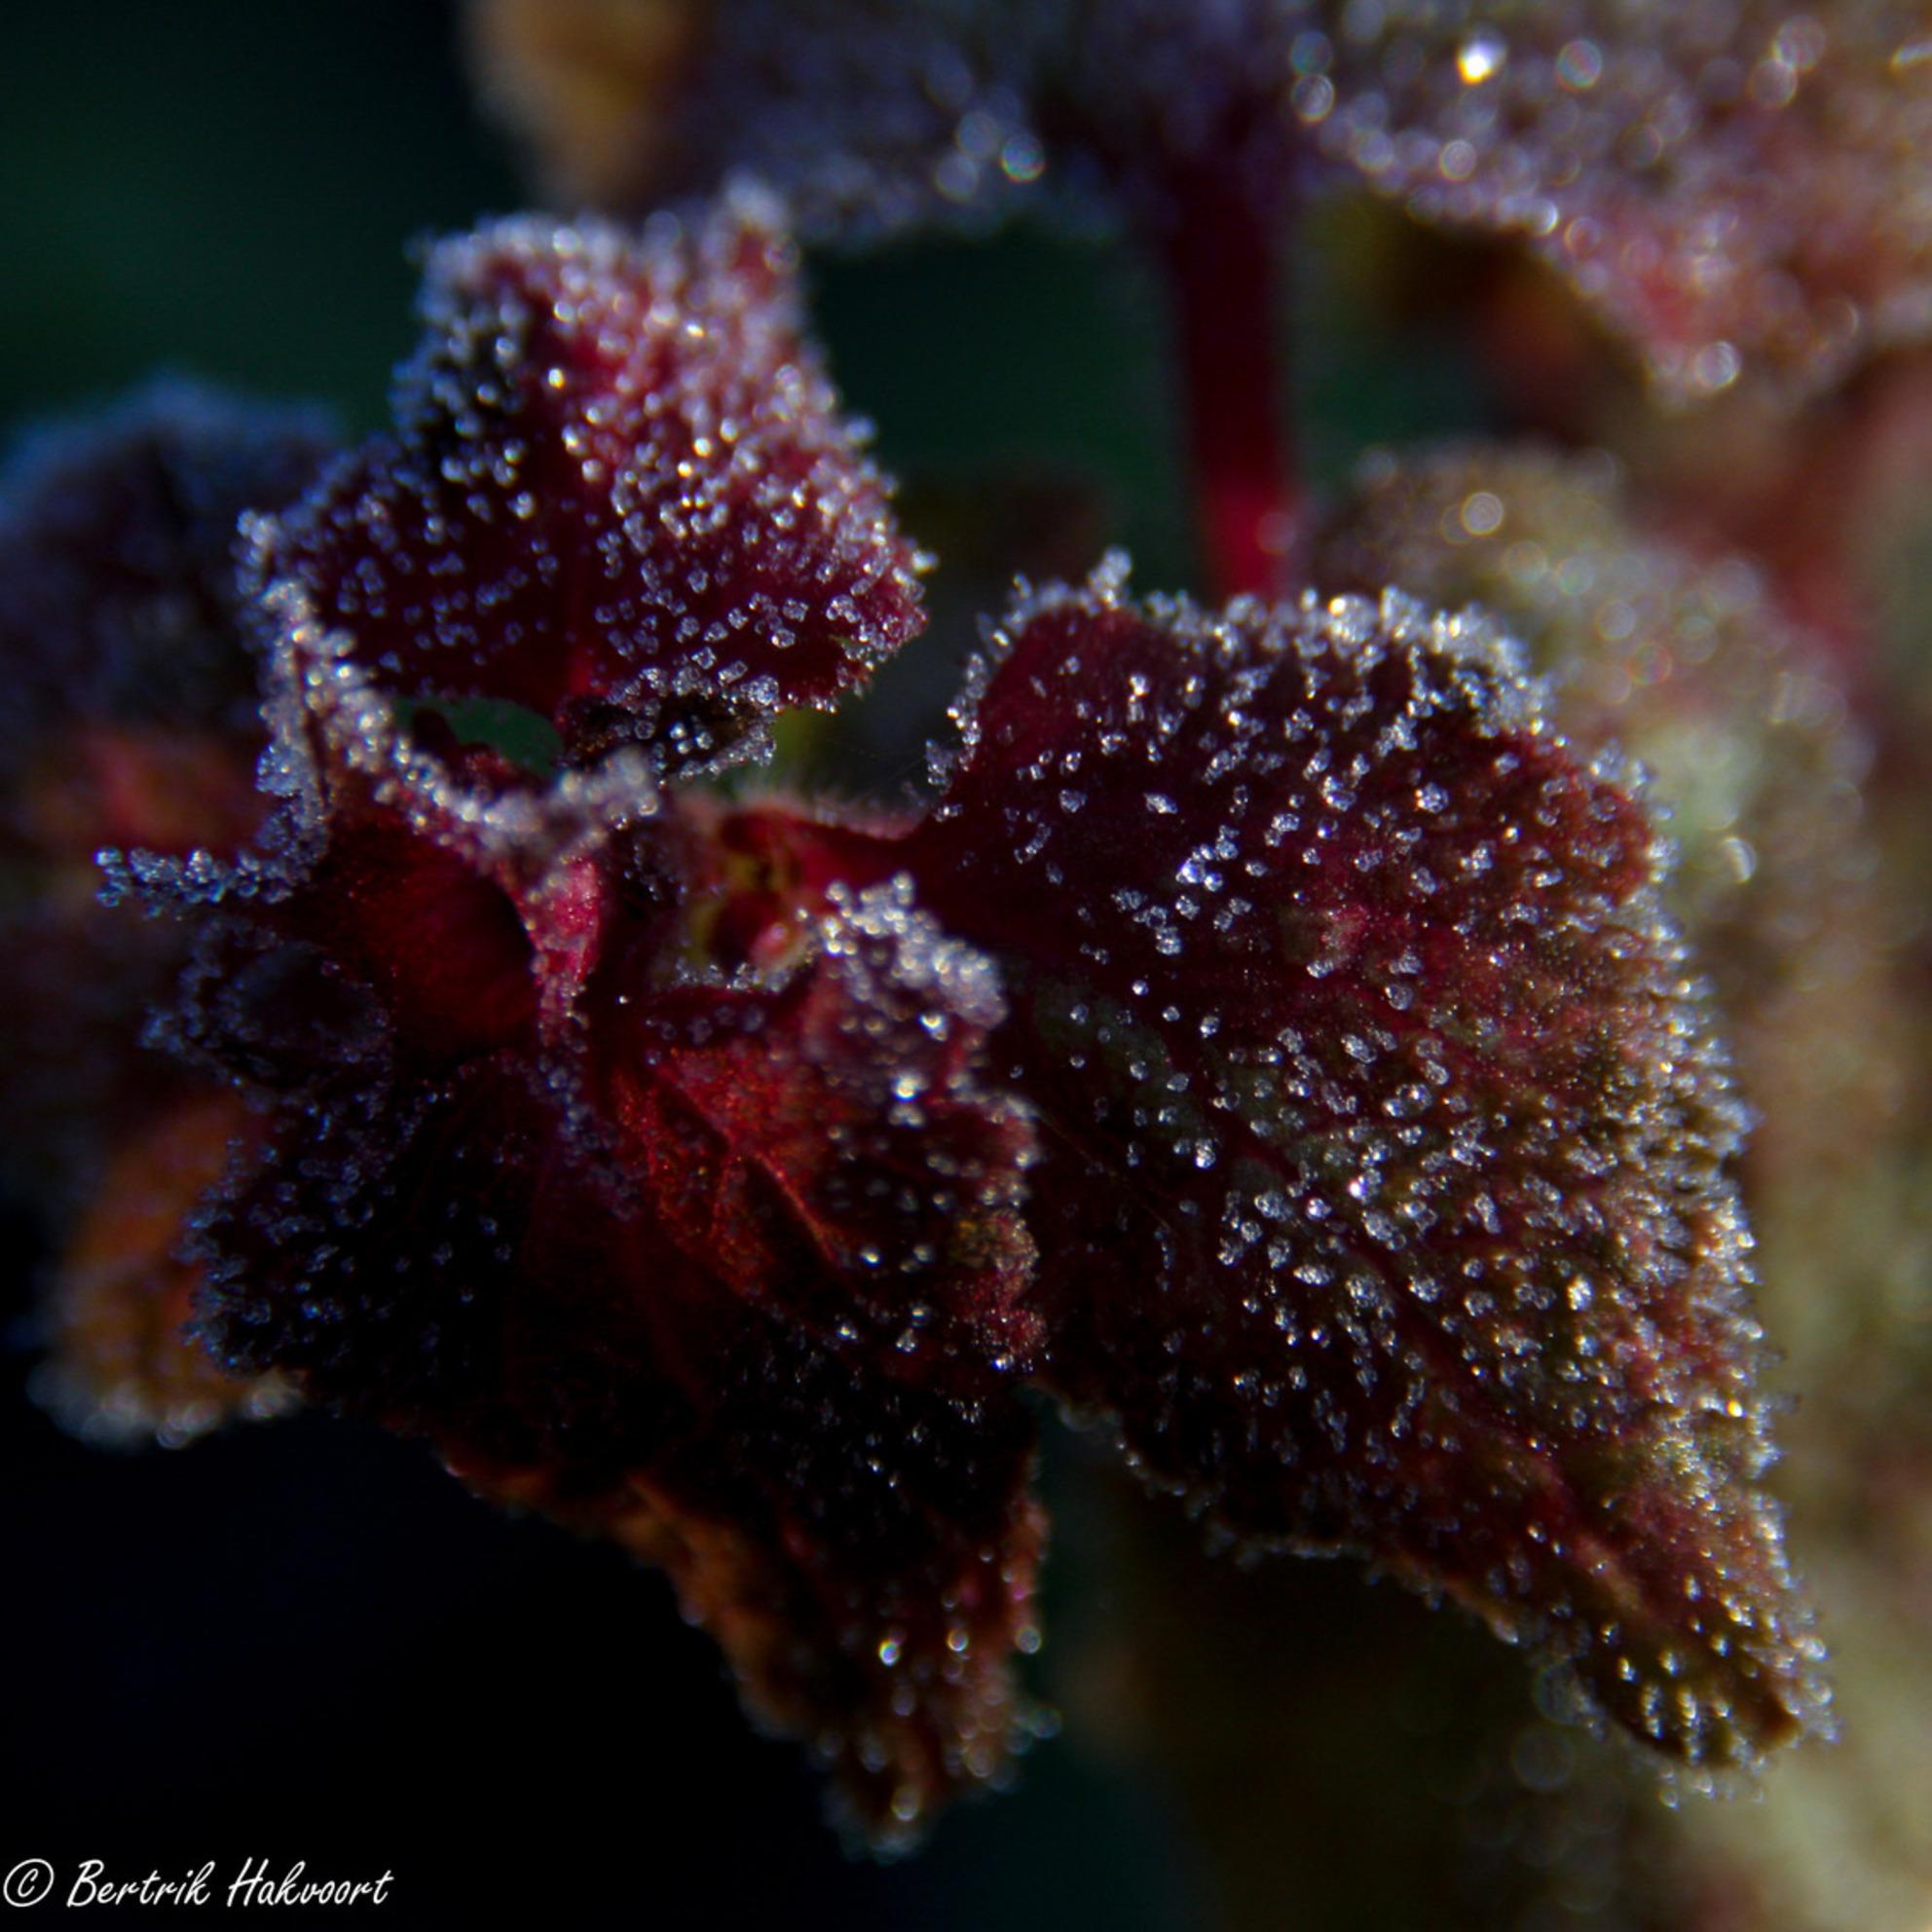 Kristal - De rijp van vanmorgen op de bladeren was prachtig en weelderig aanwezig. - foto door bertrikhakvoort op 03-12-2013 - deze foto bevat: rood, macro, rijp, kampen, vorst, kristal, kristallen